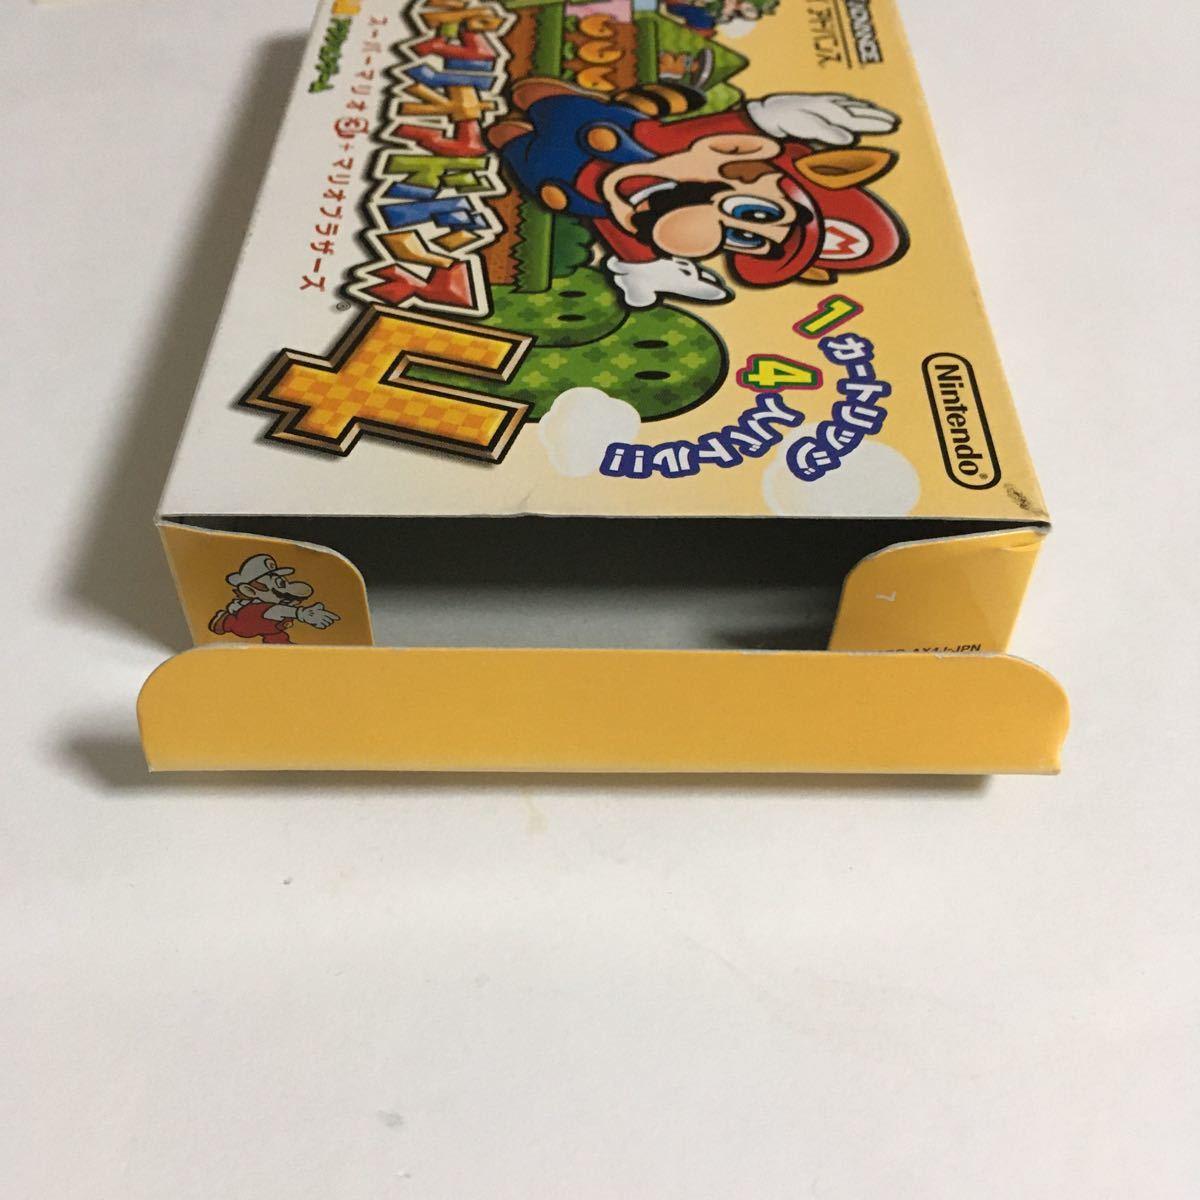 ゲームボーイアドバンス スーパーマリオアドバンス4 GBA 箱のみ ソフト、説明書なし マリオ ニンテンドー レトロ